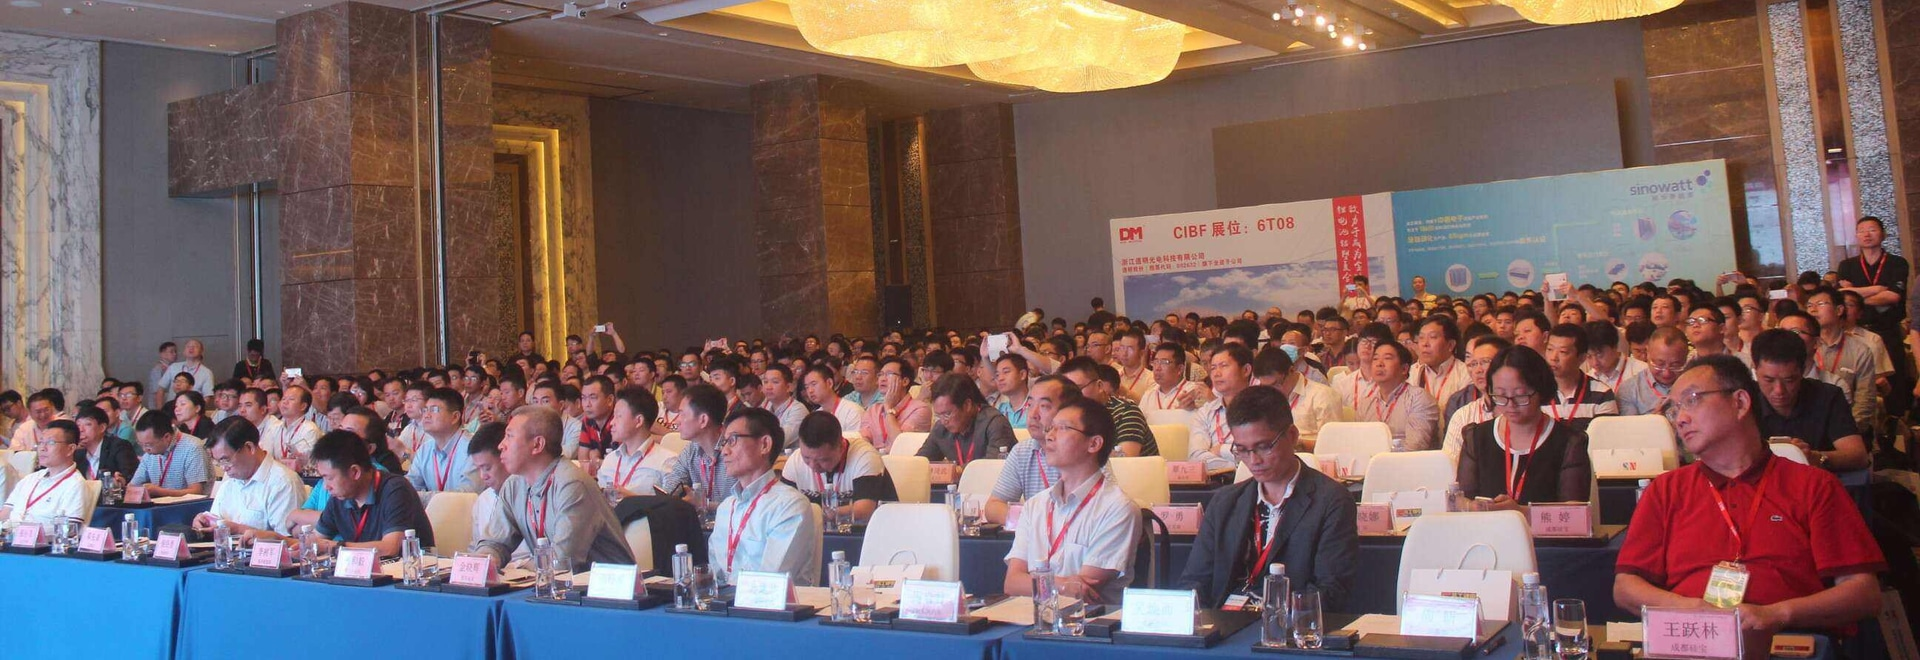 S&L presenzia alla riunione annuale 2018 di Gaogong a Shenzhen, Cina